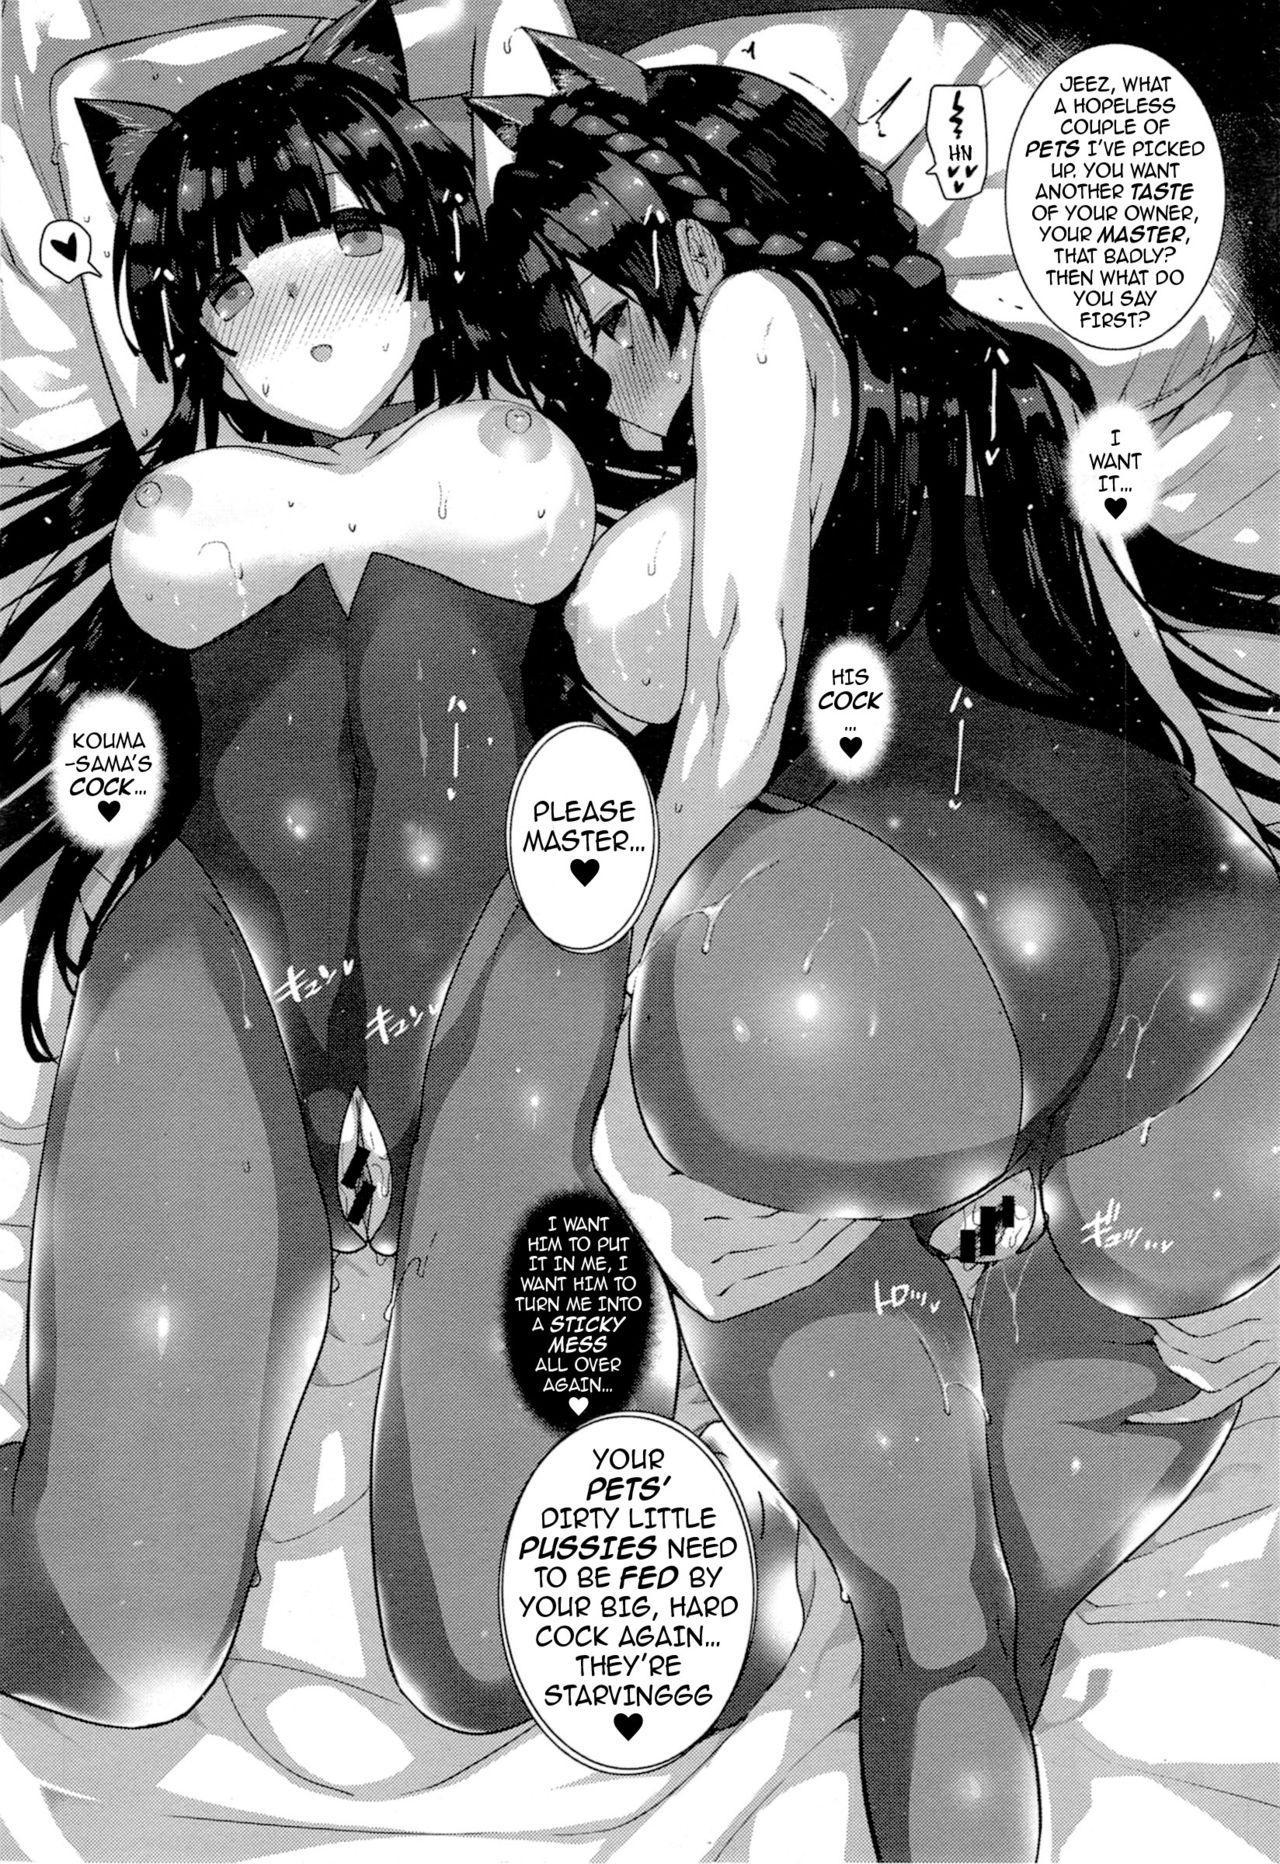 [Katsurai Yoshiaki] Amatsuka Gakuen no Ryoukan Seikatsu | Angel Academy's Hardcore Dorm Sex Life 1-2, 4-8 [English] {darknight} [Digital] 48